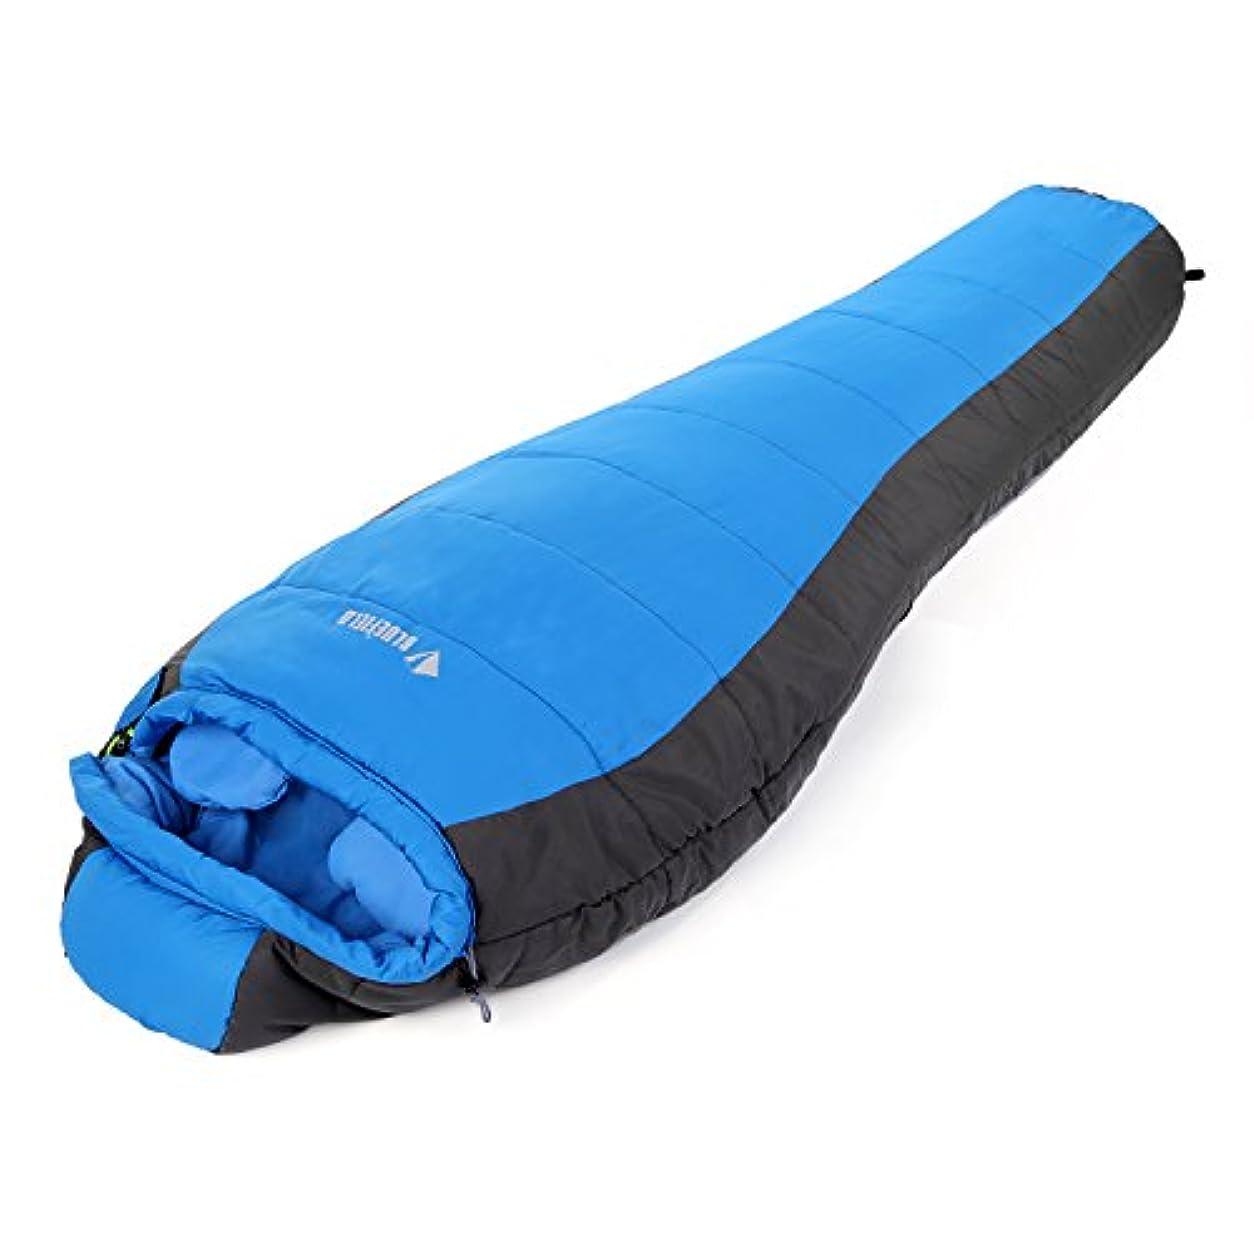 ファーザーファージュイディオムジャベスウィルソンOUTAD コンパクト寝袋 アクティブマミーシュラフ 超コンパクト 最低使用温度-5度 1.5kg/1.8kg